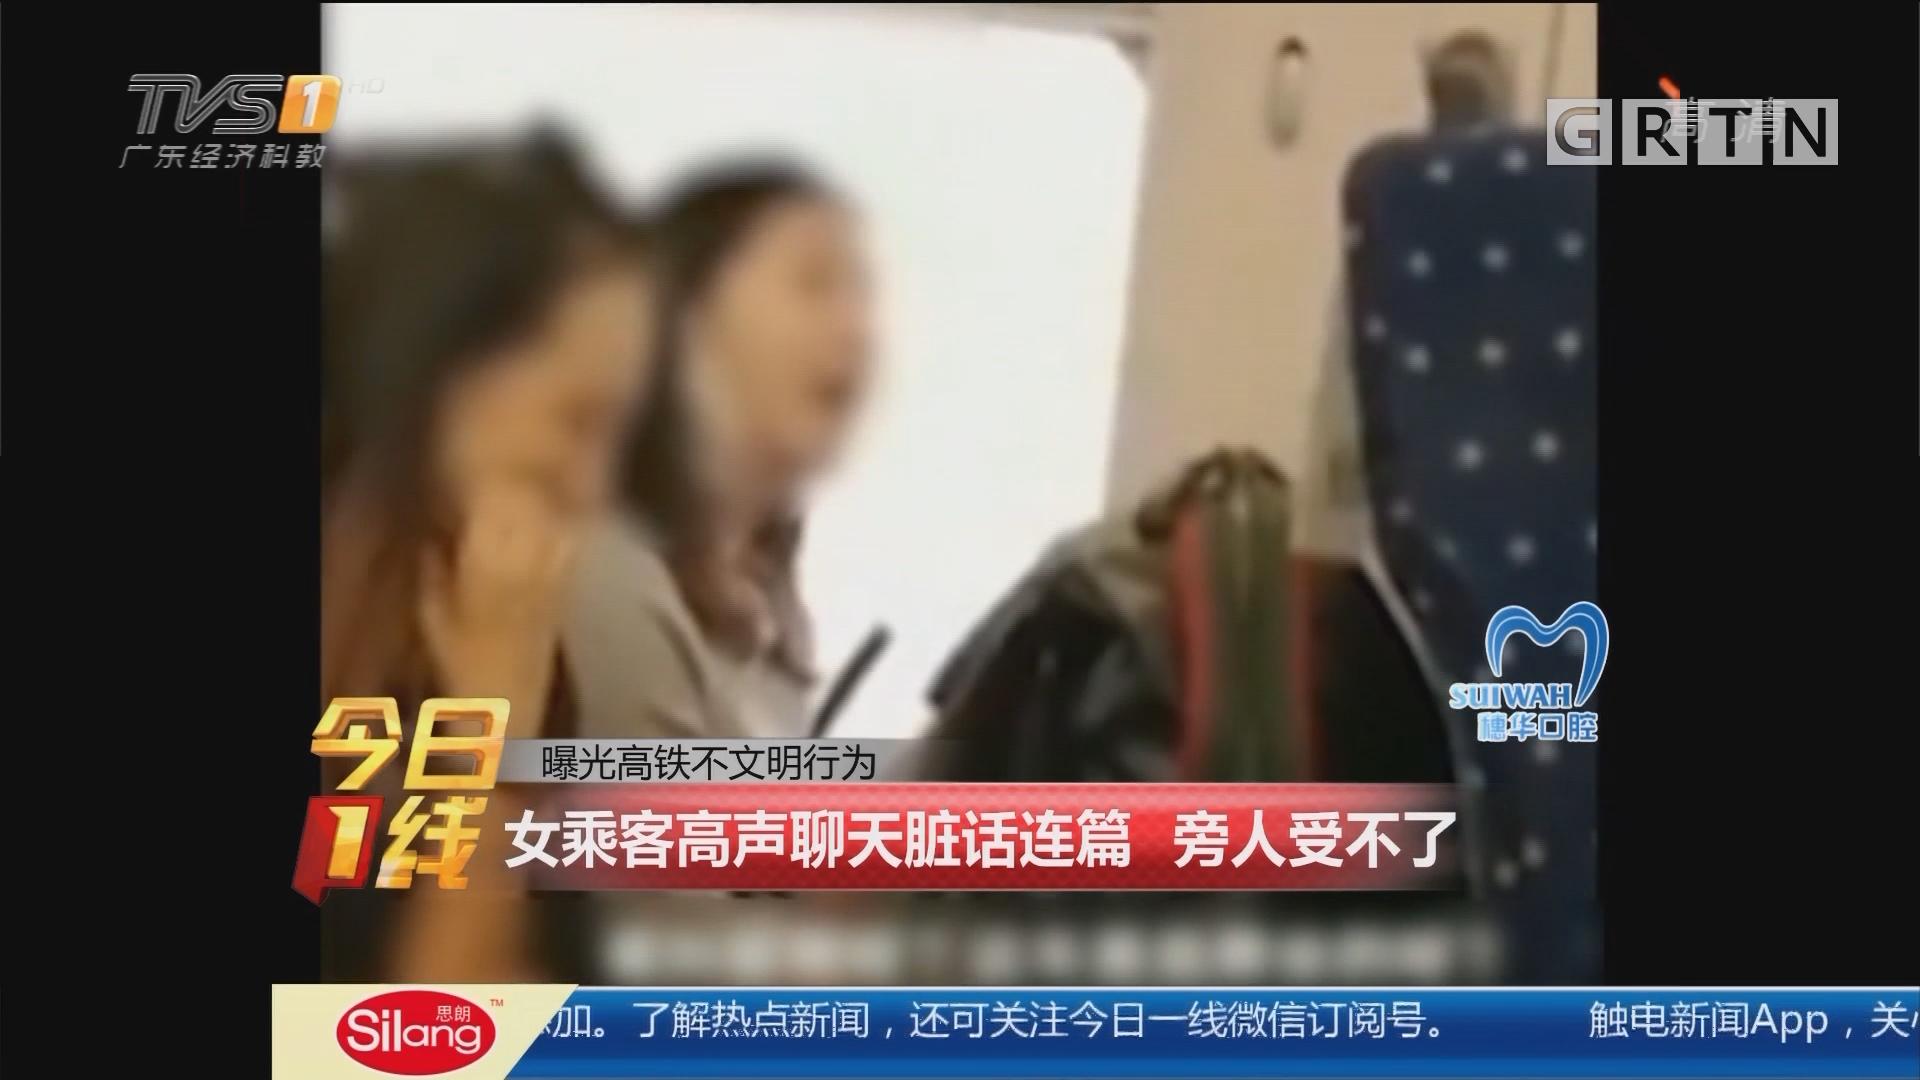 曝光高铁不文明行为:女乘客高声聊天脏话连篇 旁人受不了